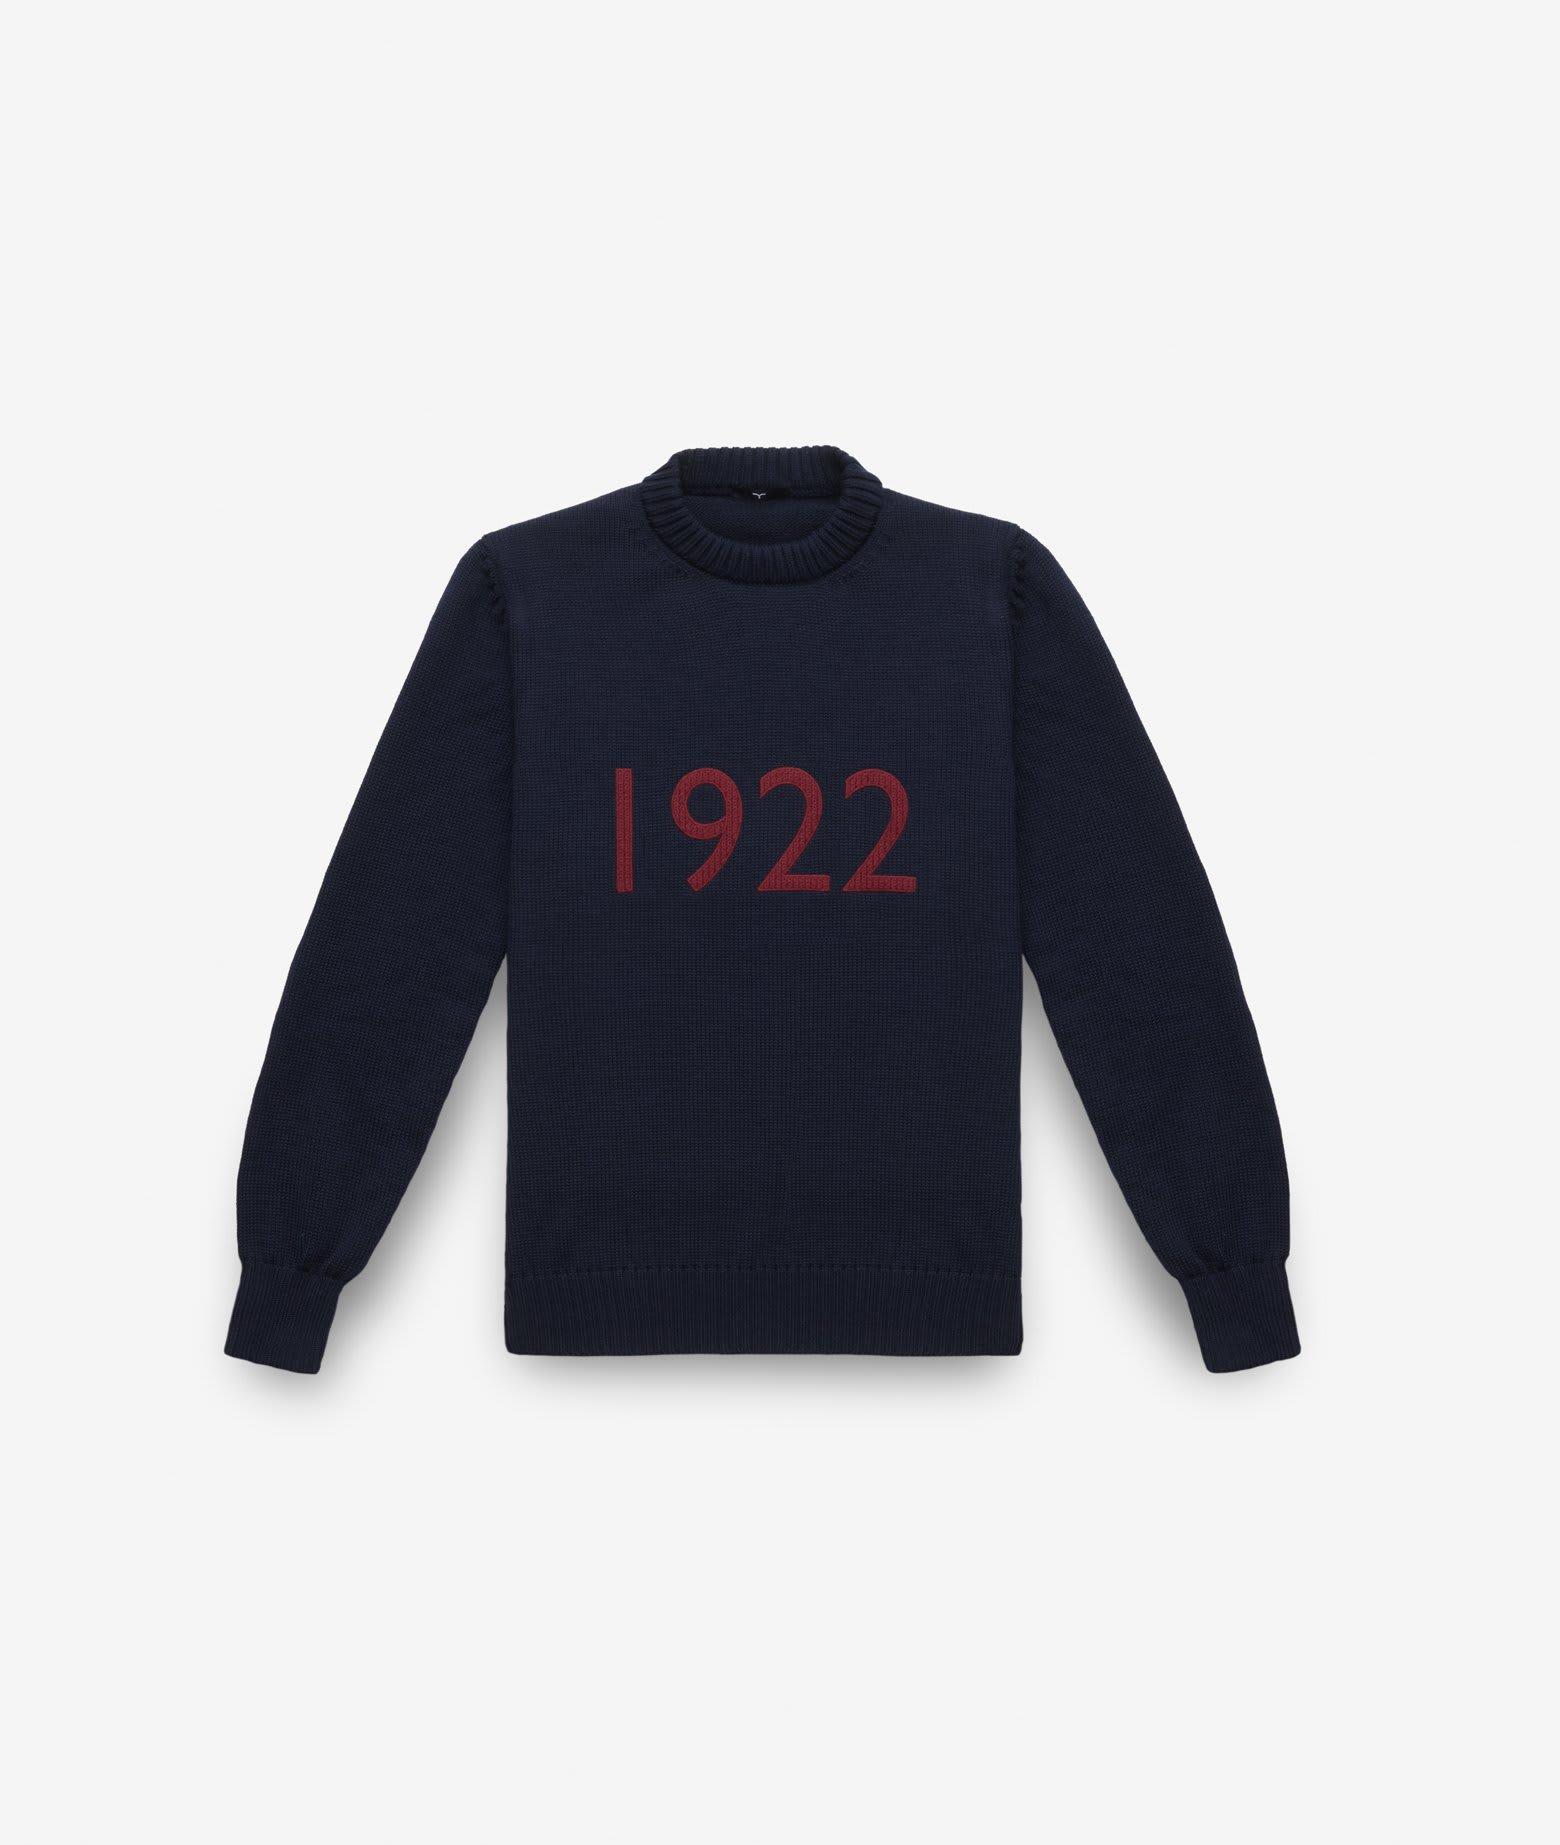 Crew Neck Sweater 1922